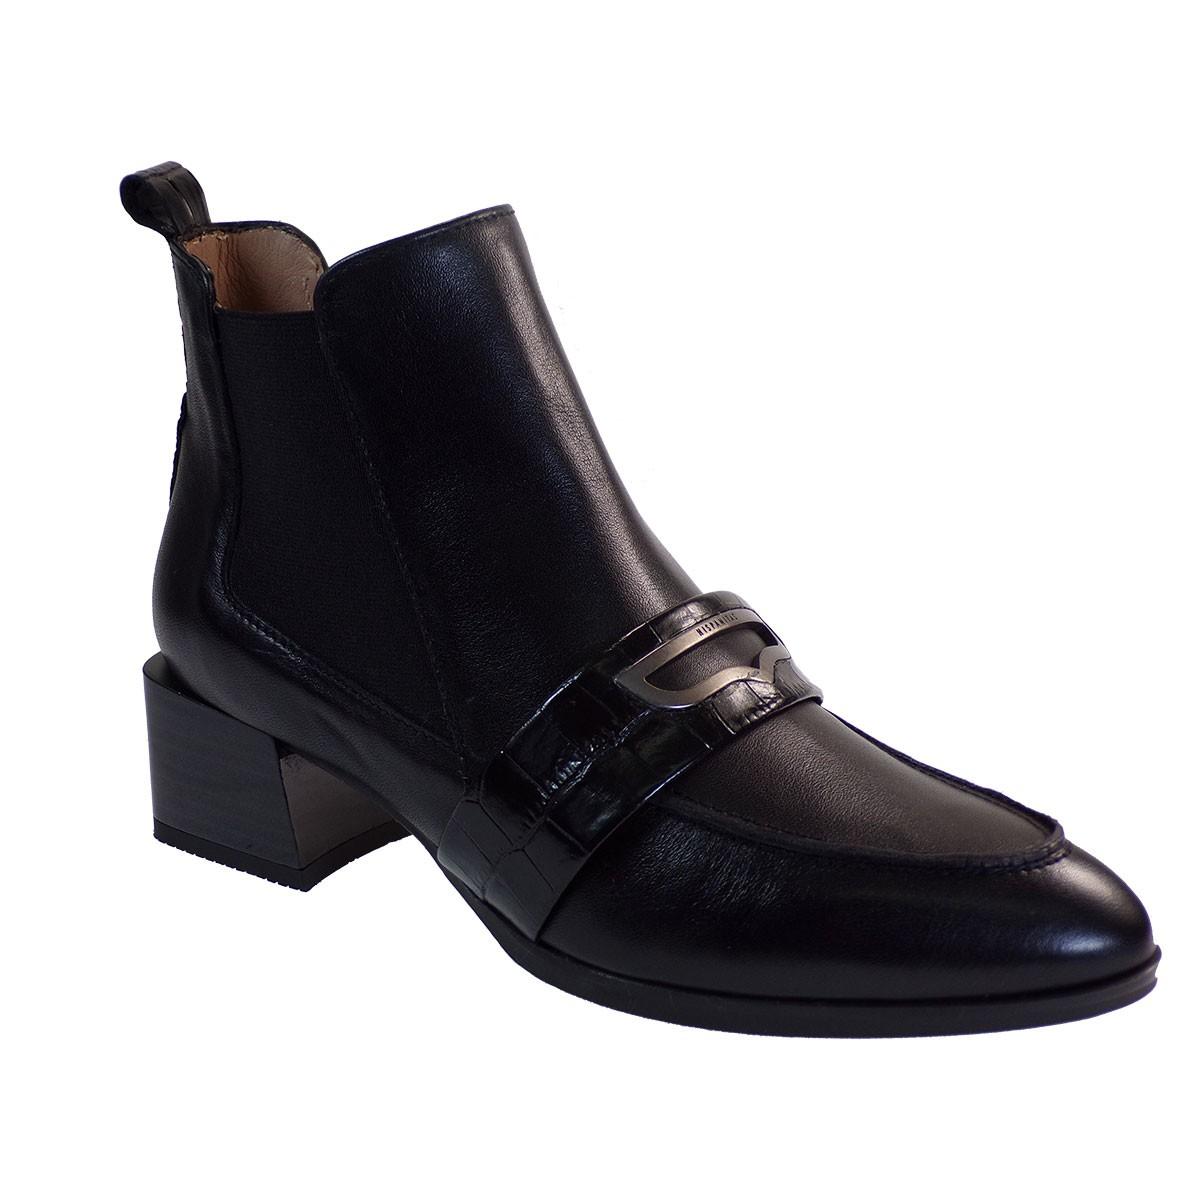 Hispanitas Γυναικεία Παπούτσια Mποτάκια HI00644 Μαύρο Δέρμα